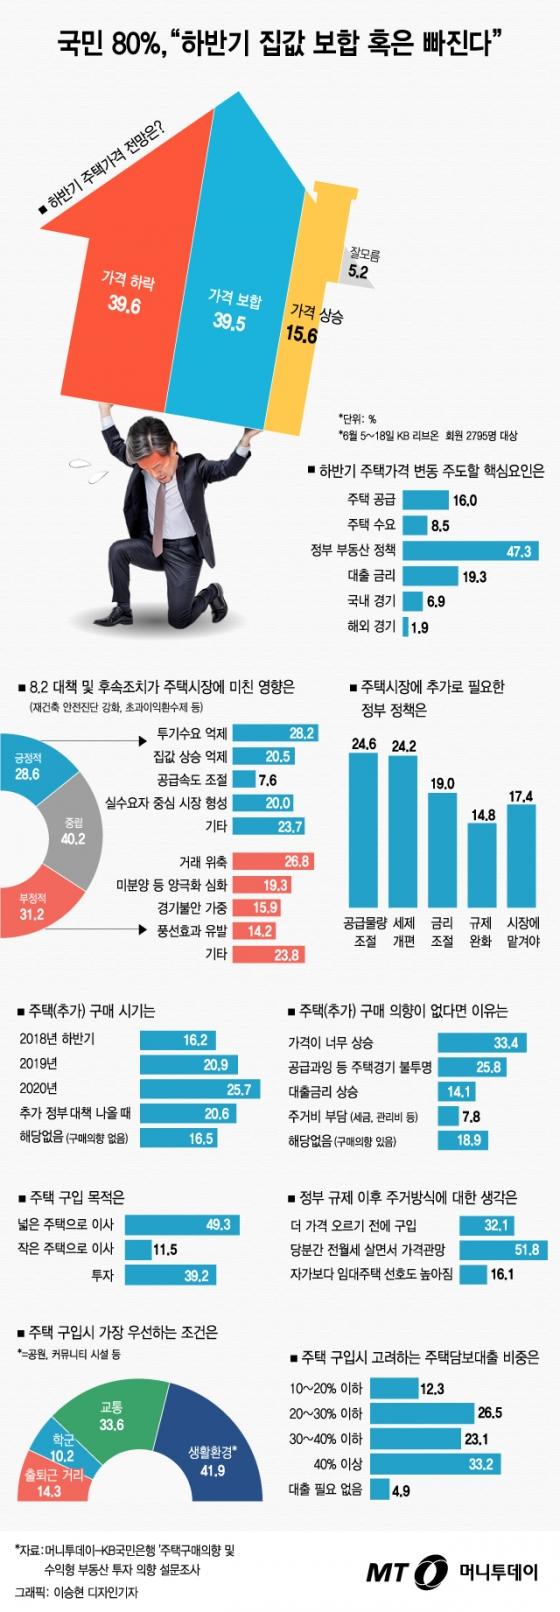 """[그래픽 뉴스]국민 80% """"집값 보합 혹은 빠진다""""…원인은 """"정부 정책"""" 47%"""